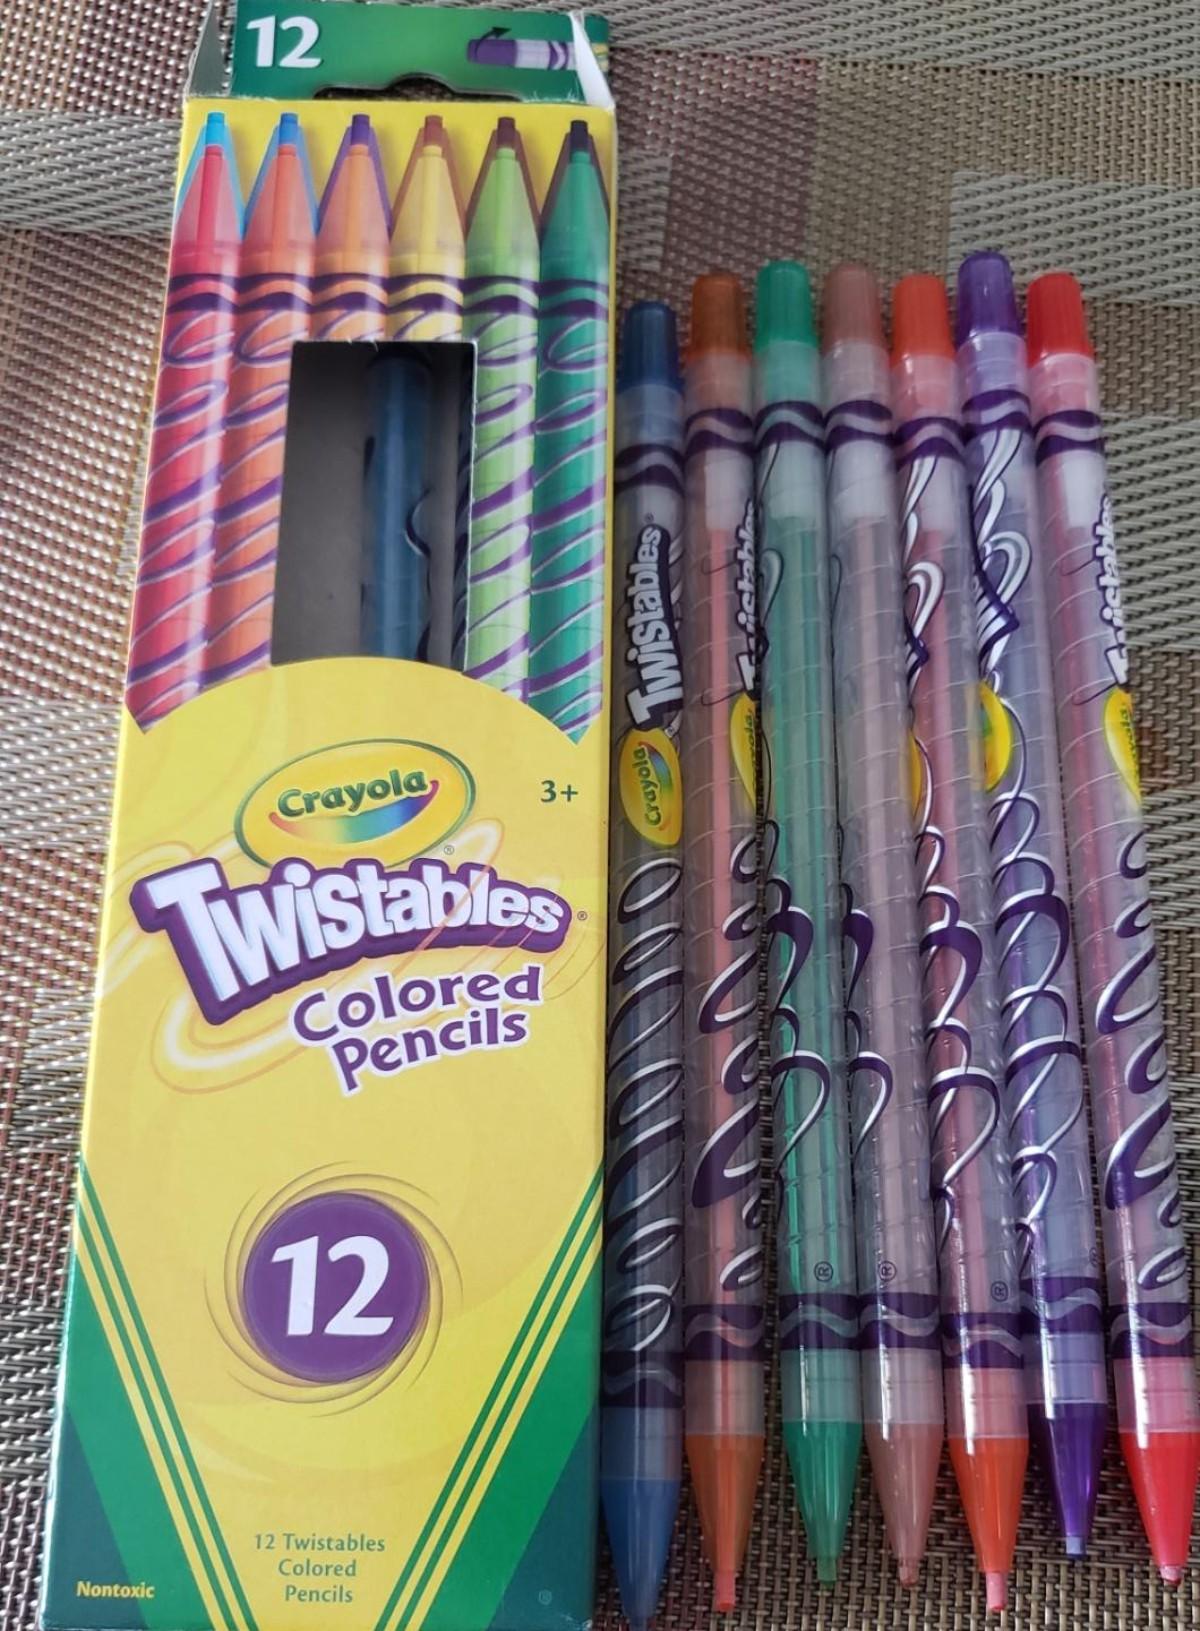 Pensil warna Crayola Twistable di samping kemasan